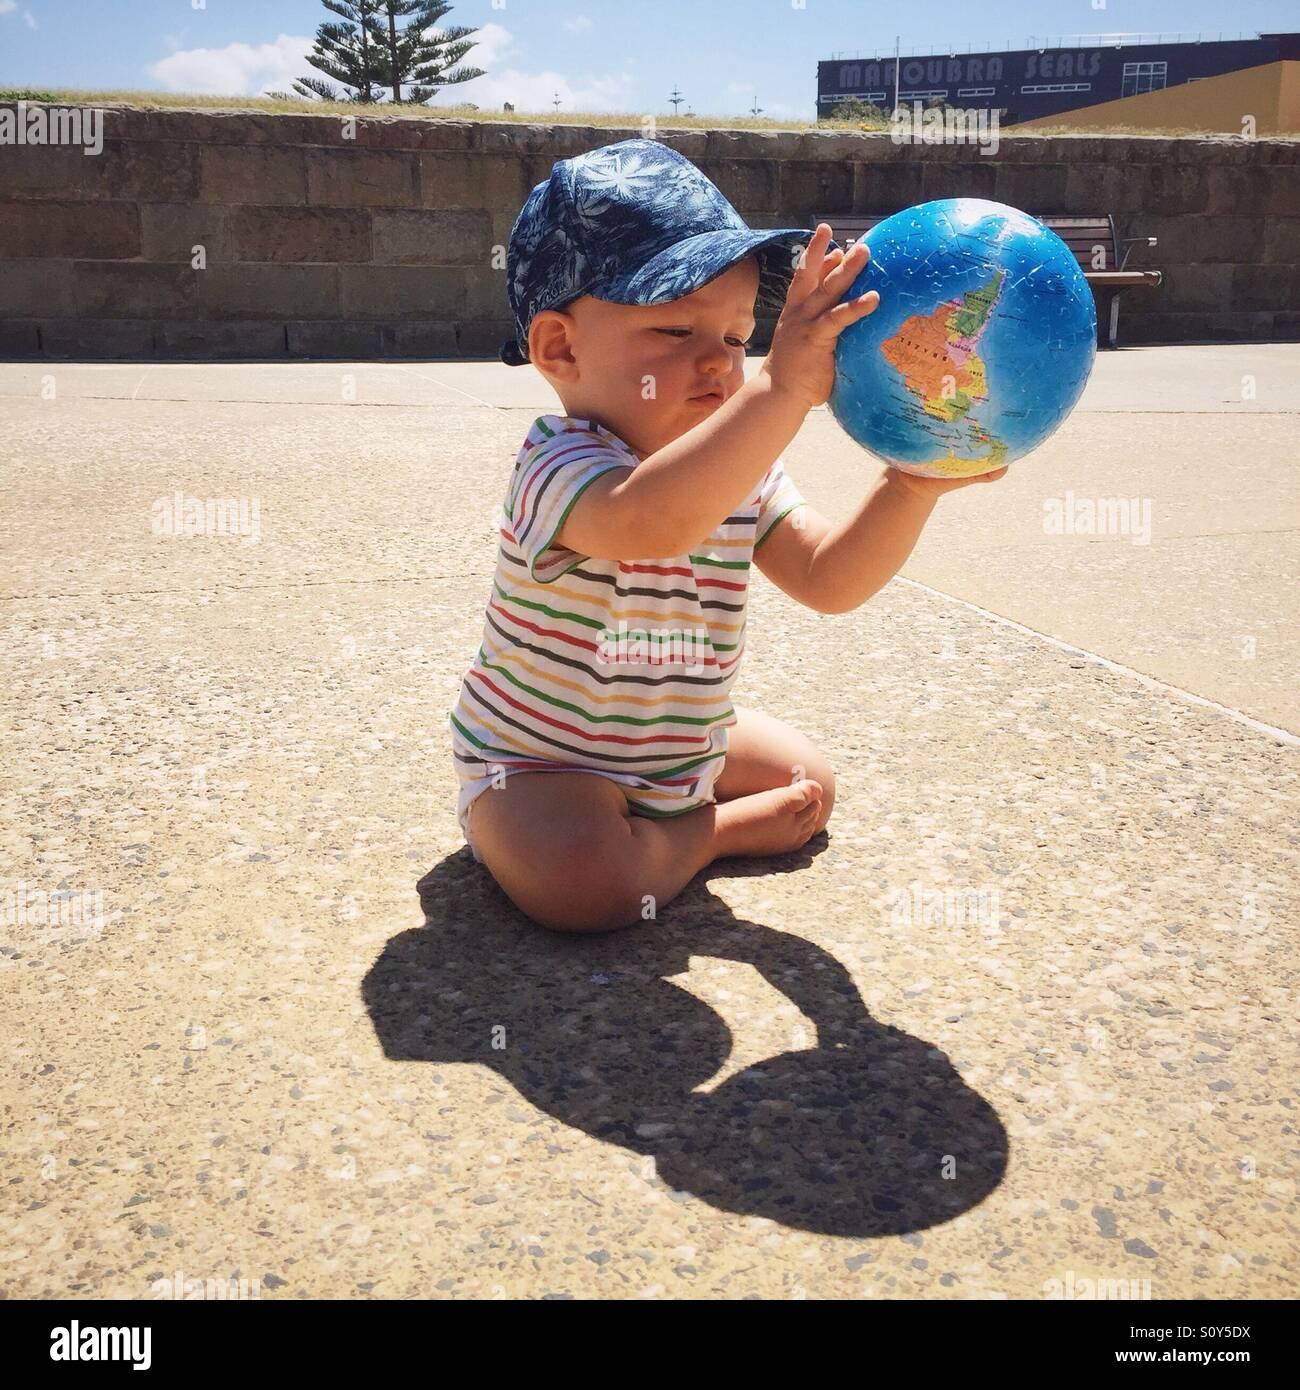 Criança que brinca com a bola globo Imagens de Stock